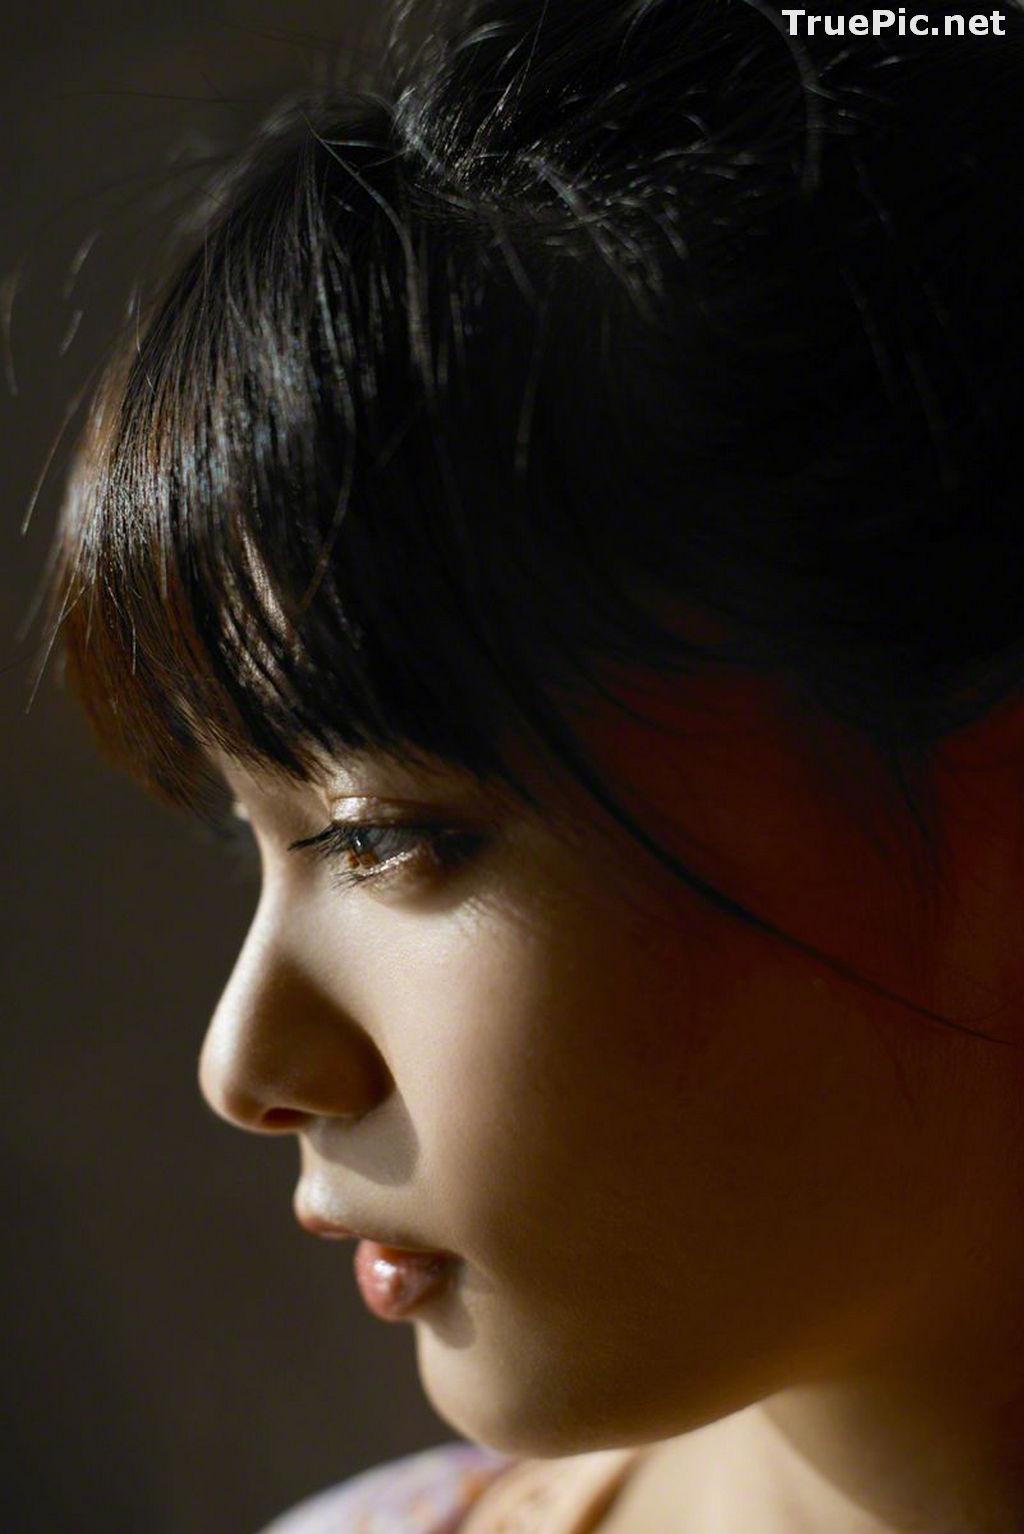 Image Wanibooks NO.121 - Japanese Gravure Idol - Mizuki Hoshina - TruePic.net - Picture-9